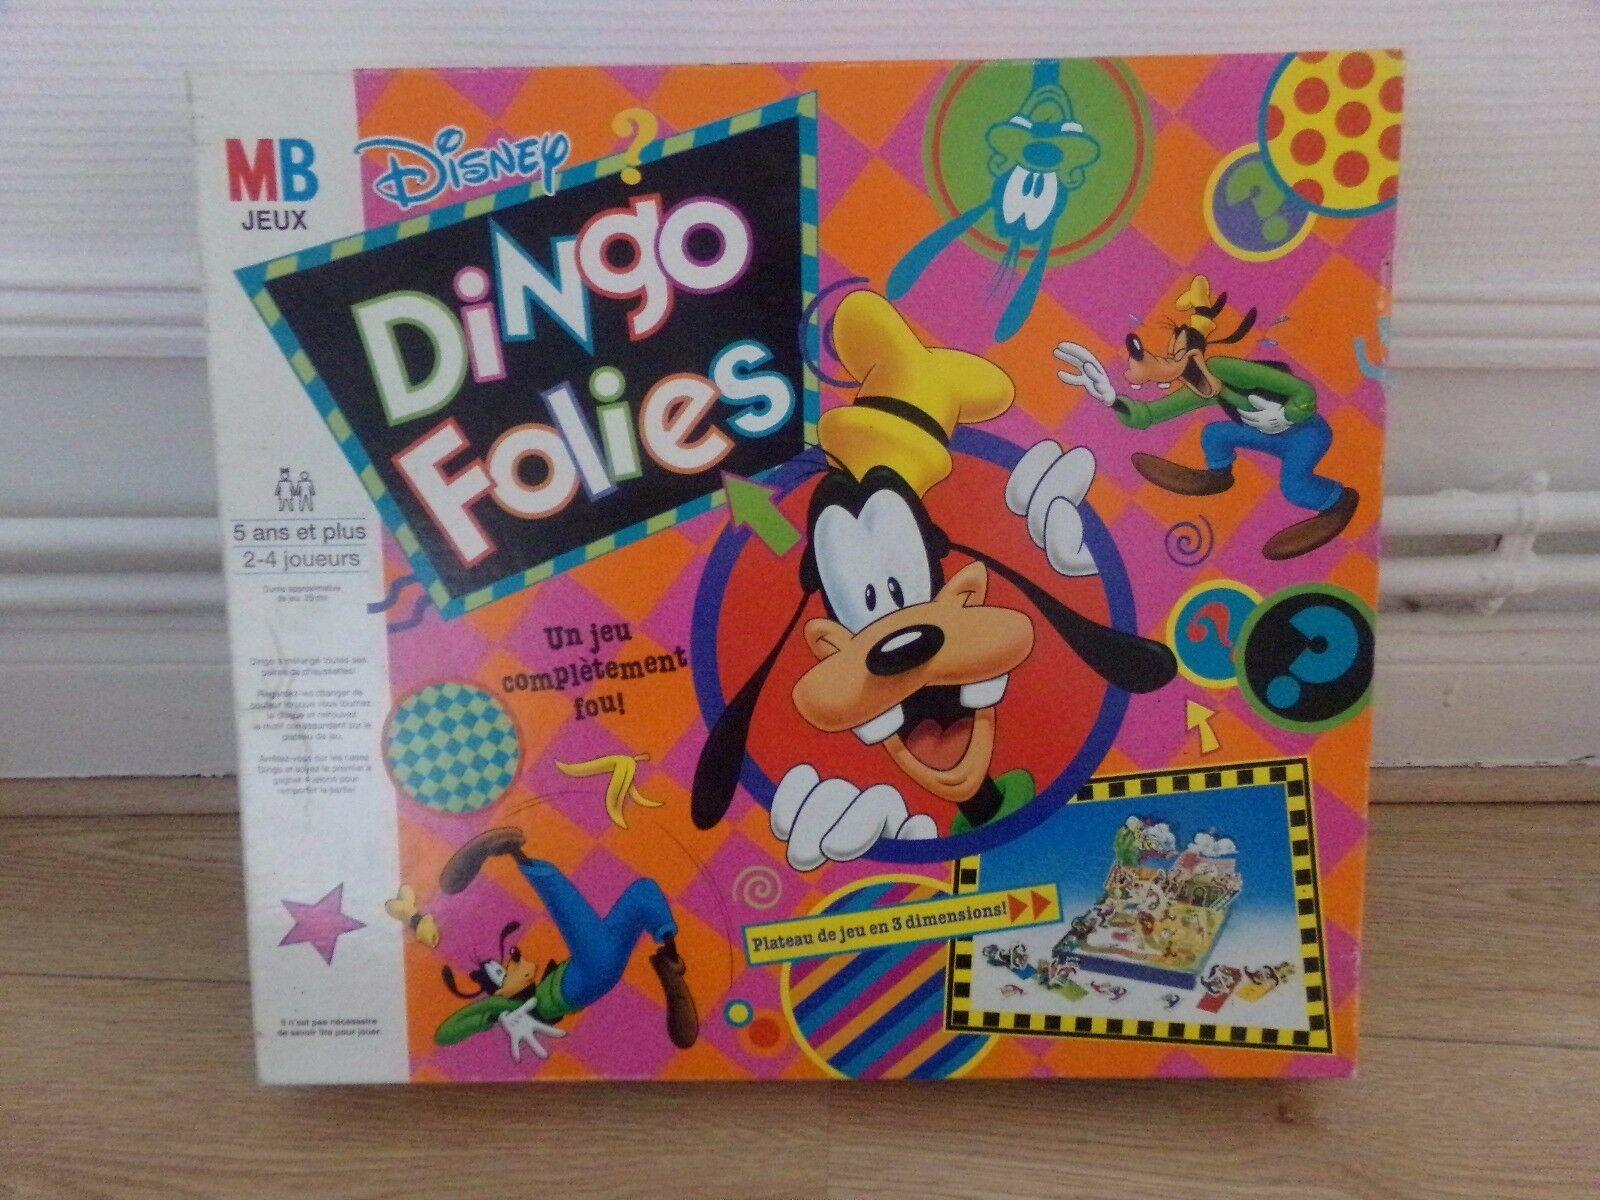 Dingo Folies